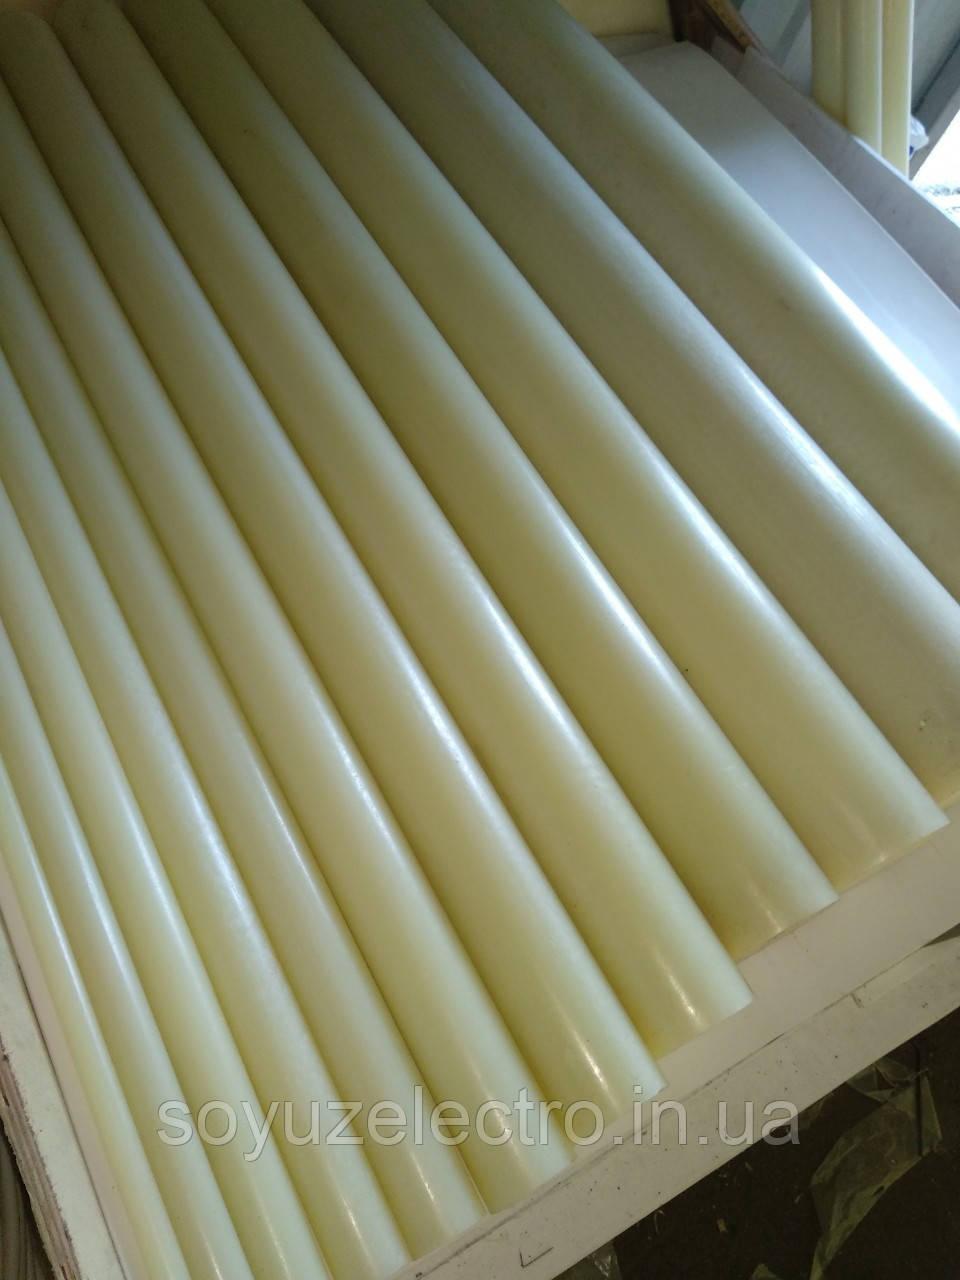 Капролон стержень (Полиамид) 90 мм